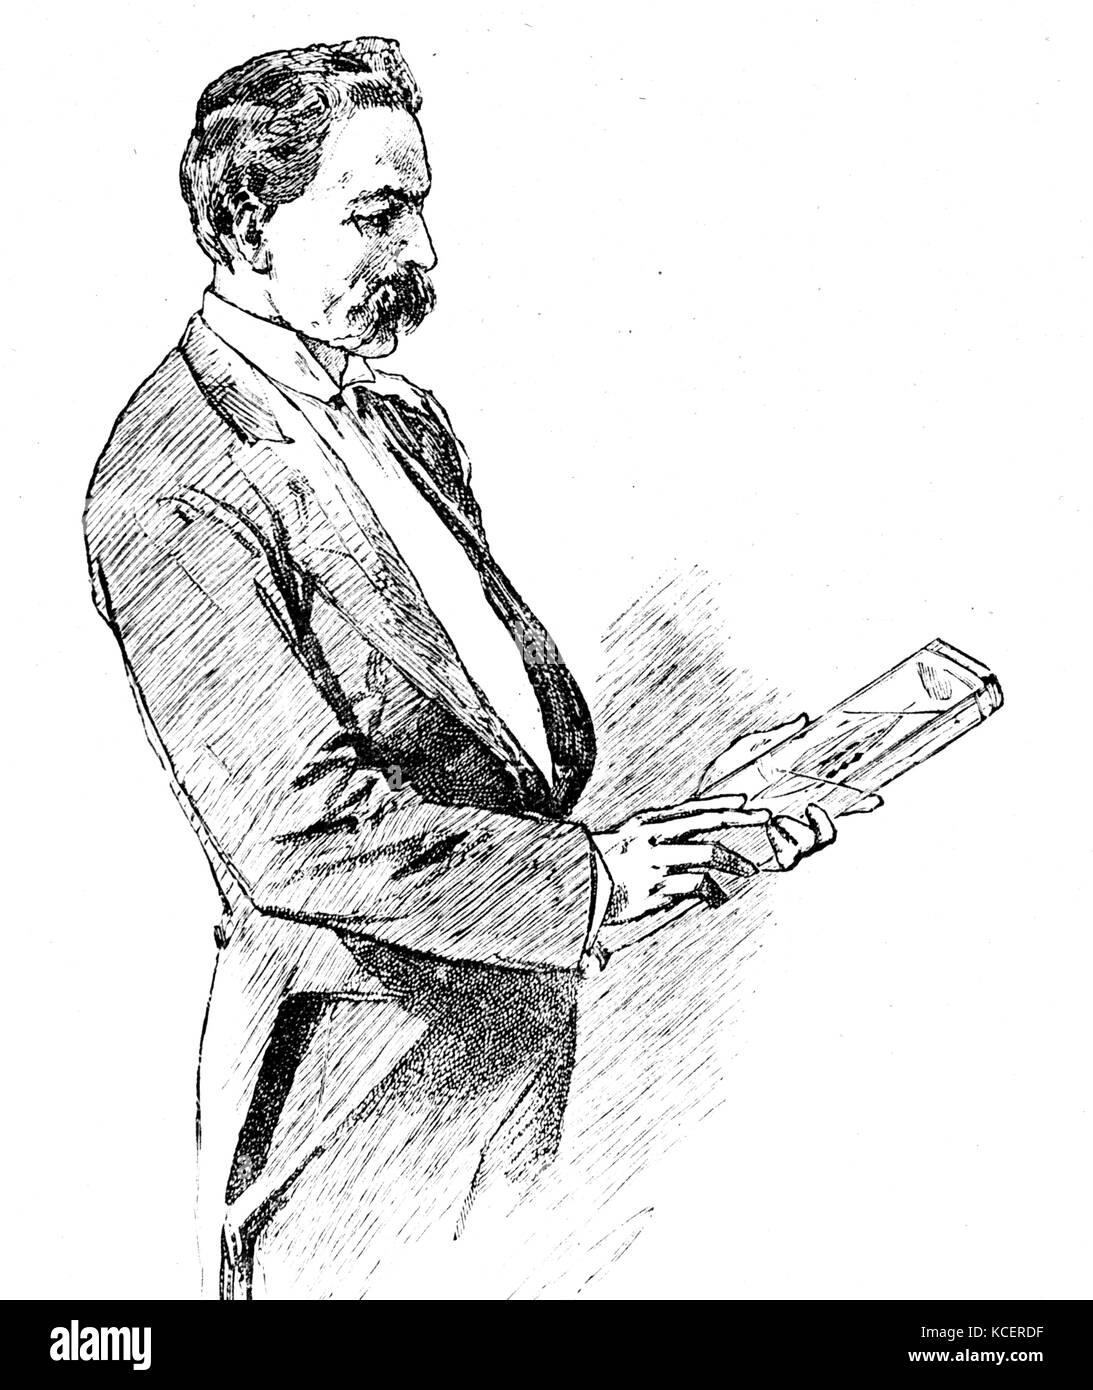 Illustration depicting Harry Marshall Ward (1854-1906) a British botanist, mycologist, and plant pathologist. Dated - Stock Image